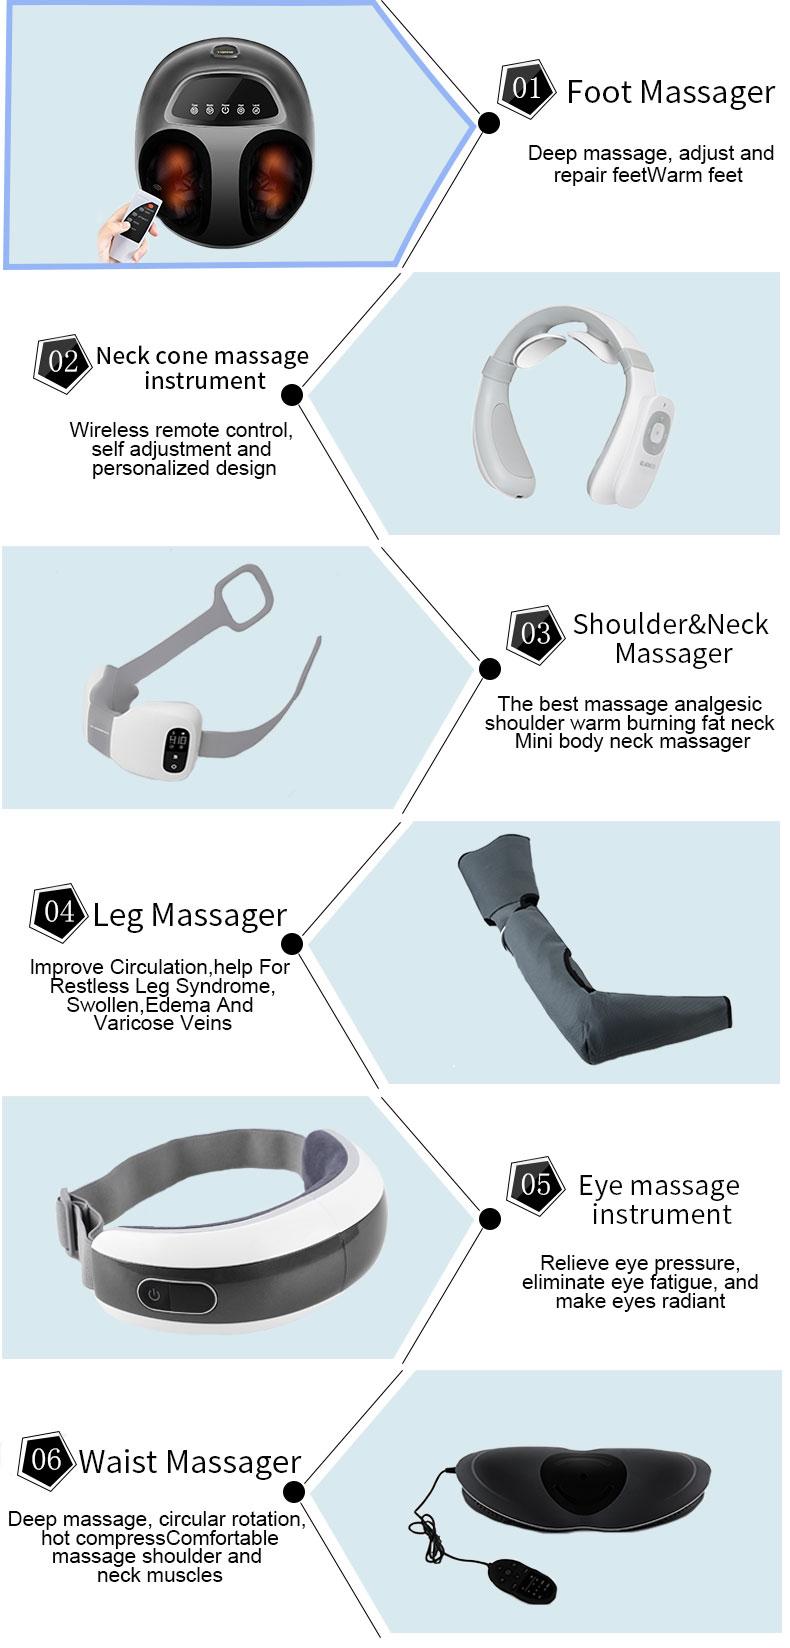 China foot massager manufacturer